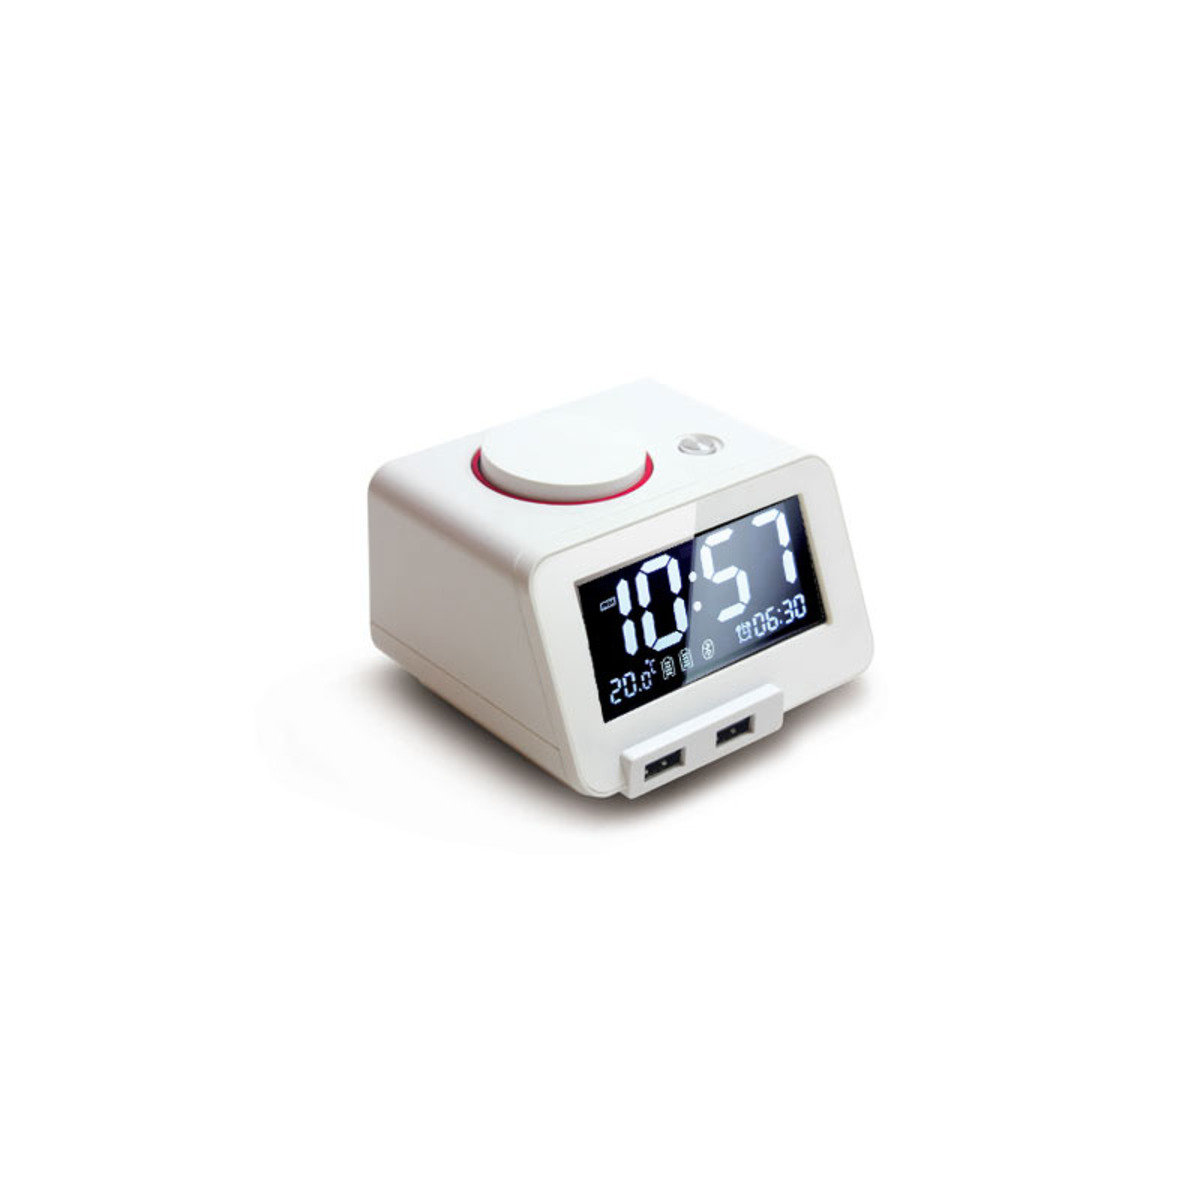 藍芽喇叭連充電USB座檯鬧鐘 白色 MM-C1PWH